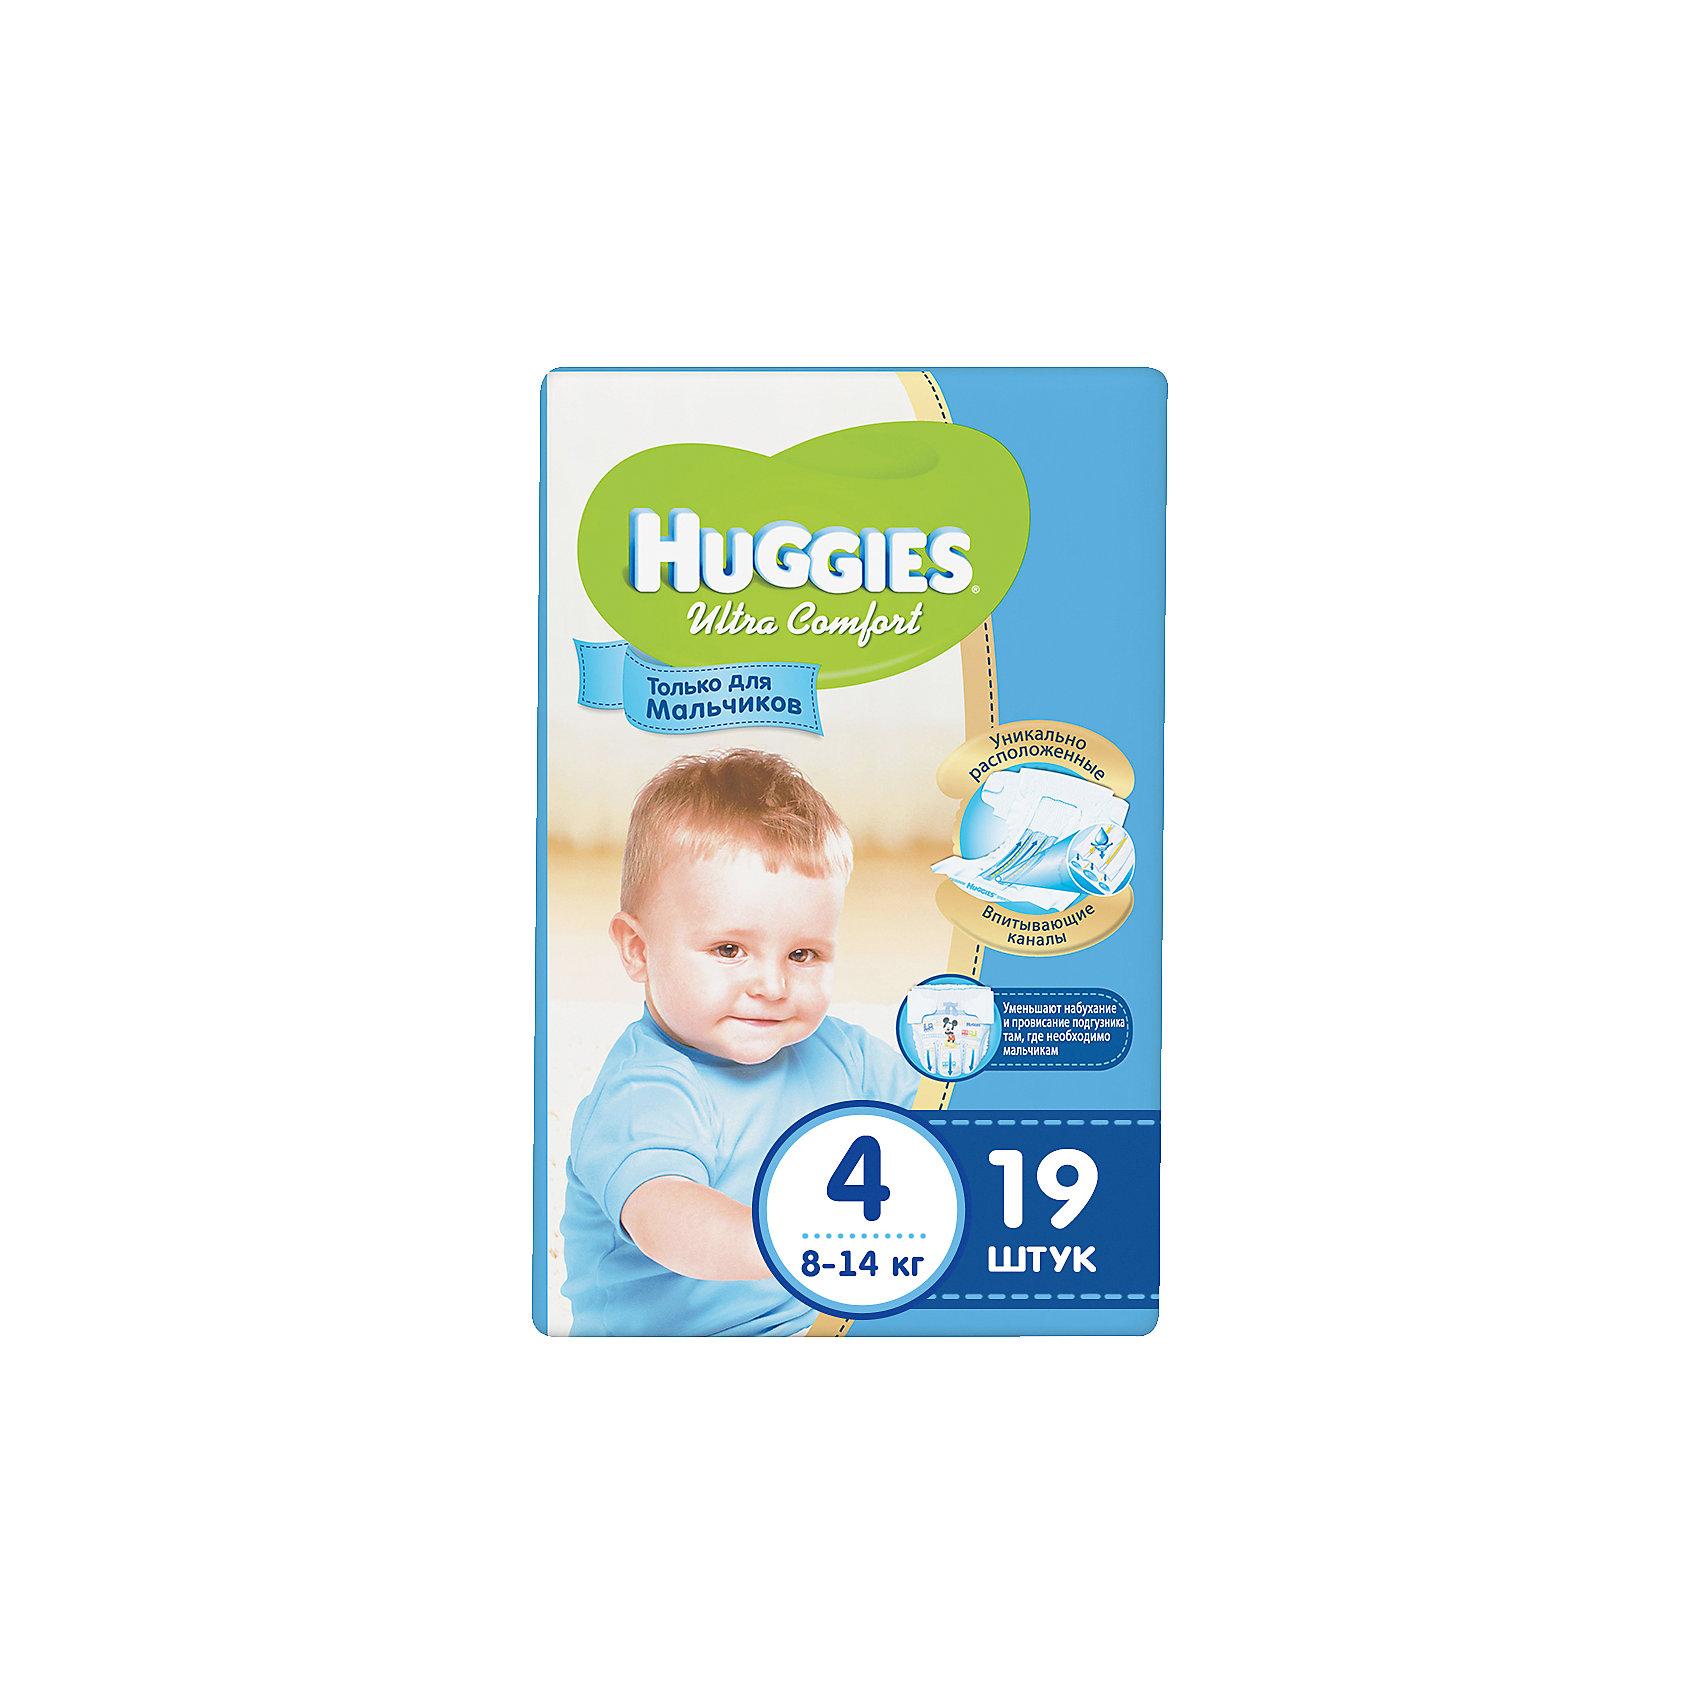 HUGGIES Подгузники Ultra Comfort для мальчиков 4, 8-14 кг, 19шт., Huggies huggies подгузники ultra comfort для девочек 4 8 14 кг 19шт huggies